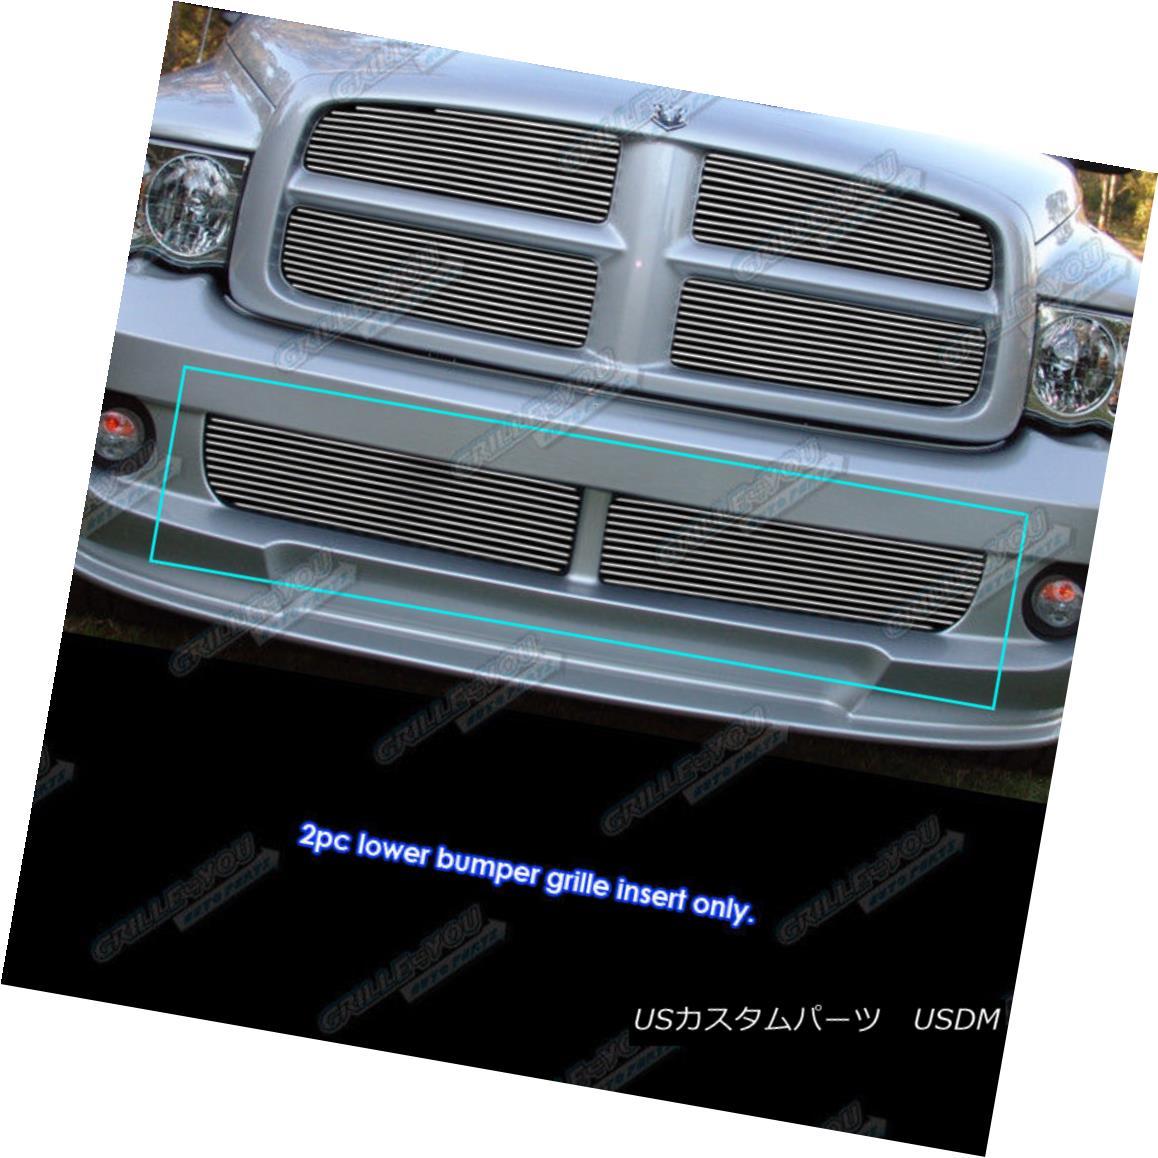 グリル Fits 2004-2006 Dodge Ram SRT 10 Lower Bumper Billet Grille Insert 2004-2006 Dodge Ram SRT 10 Lower Bumper Billet Grille Insertに適合